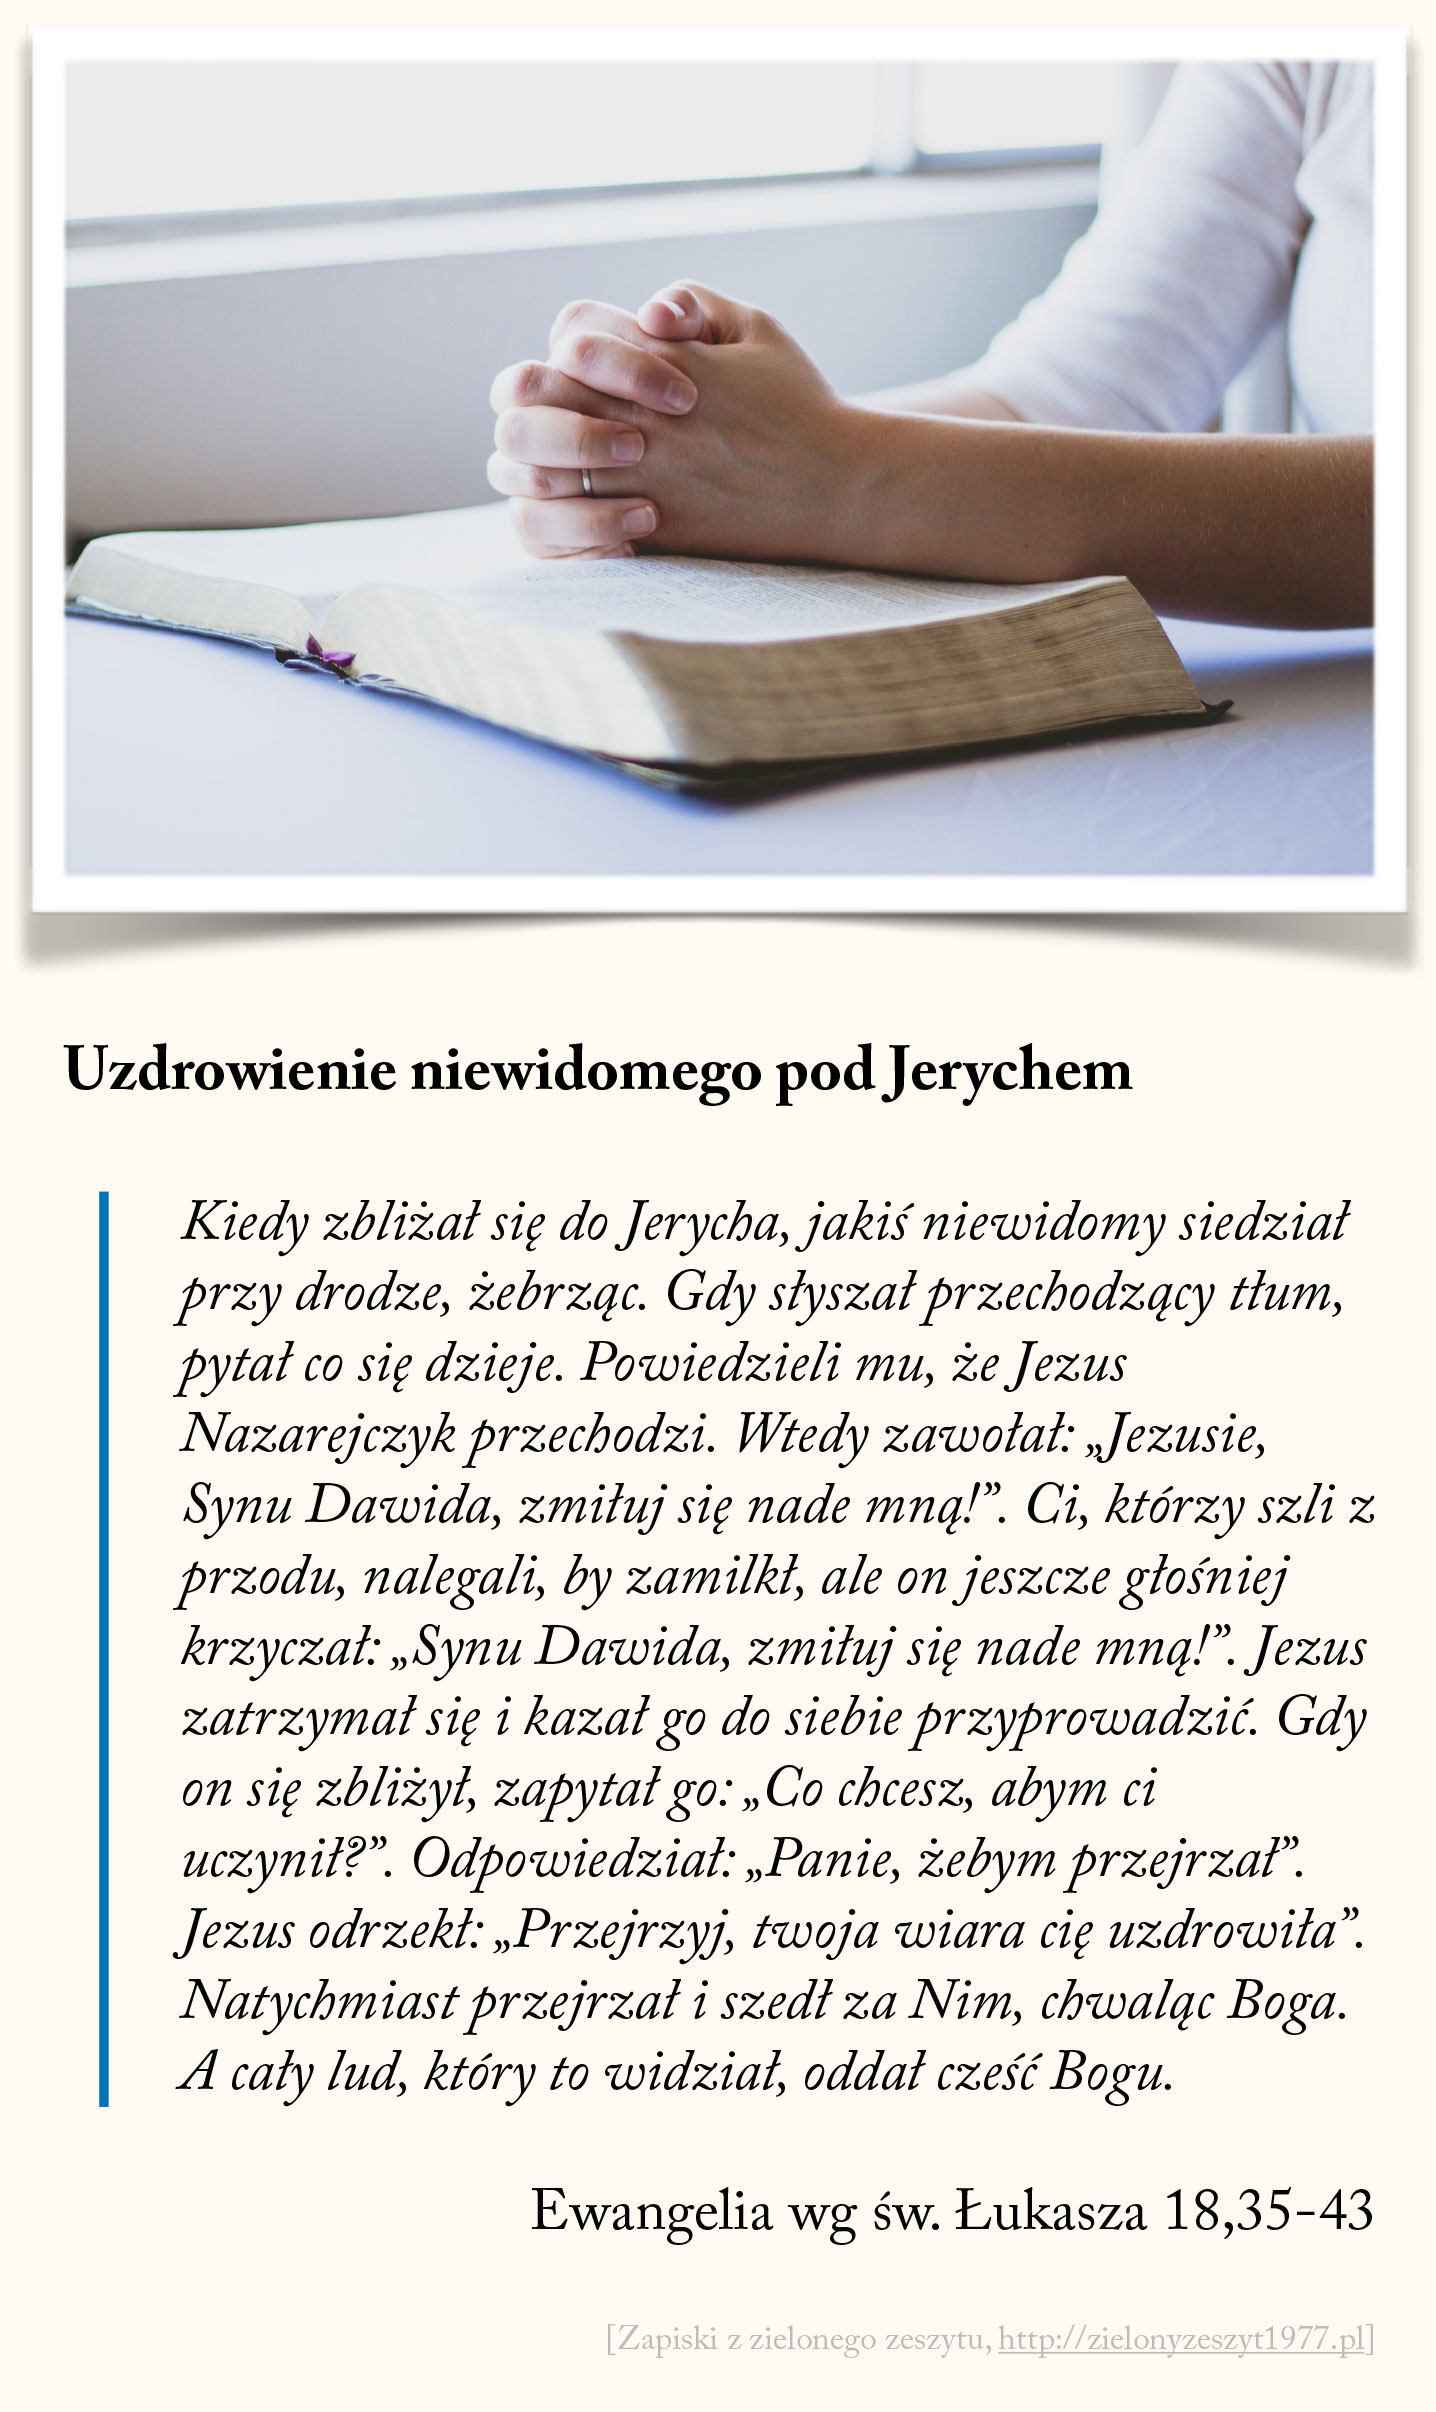 Uzdrowienie niewidomego pod Jerychem, Ewangelia wg św. Łukasza